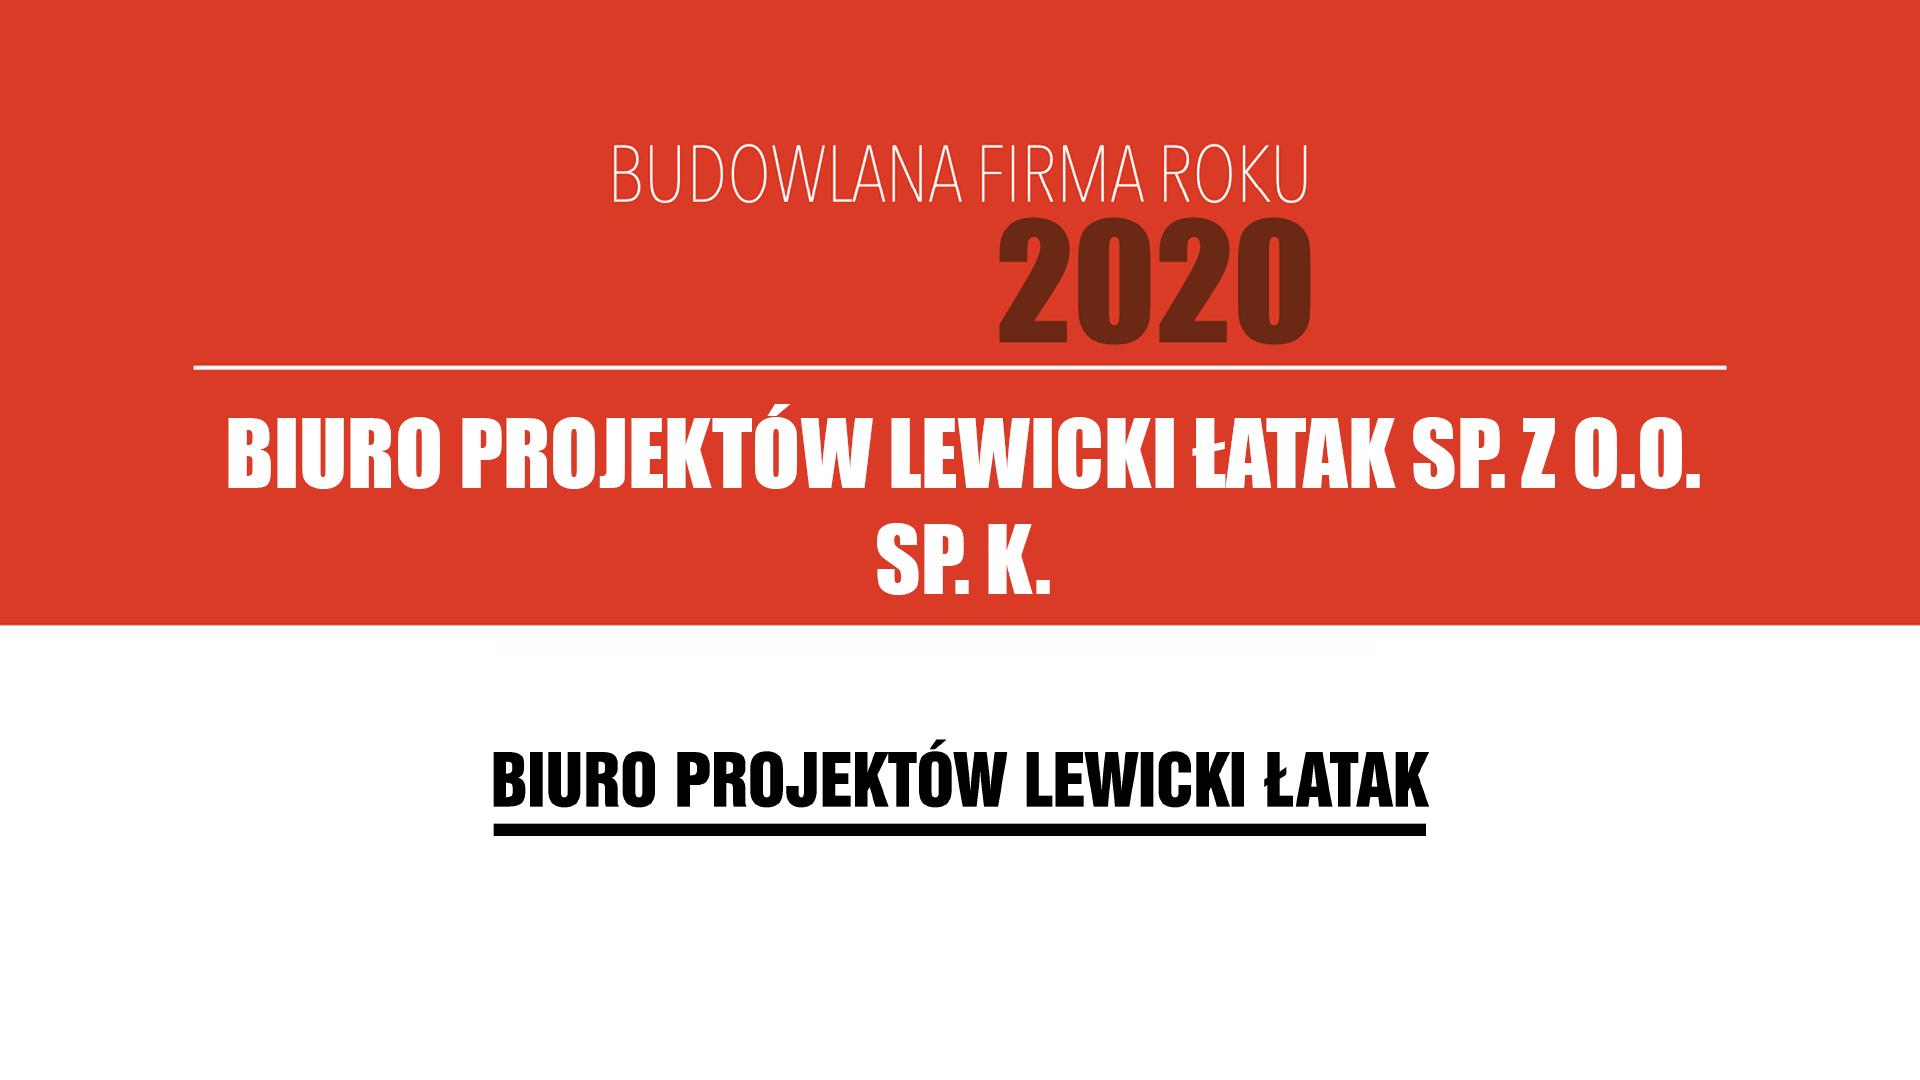 BIURO PROJEKTÓW LEWICKI ŁATAK SP. Z.O.O. SP. K. – Budowlana Firma Roku 2020